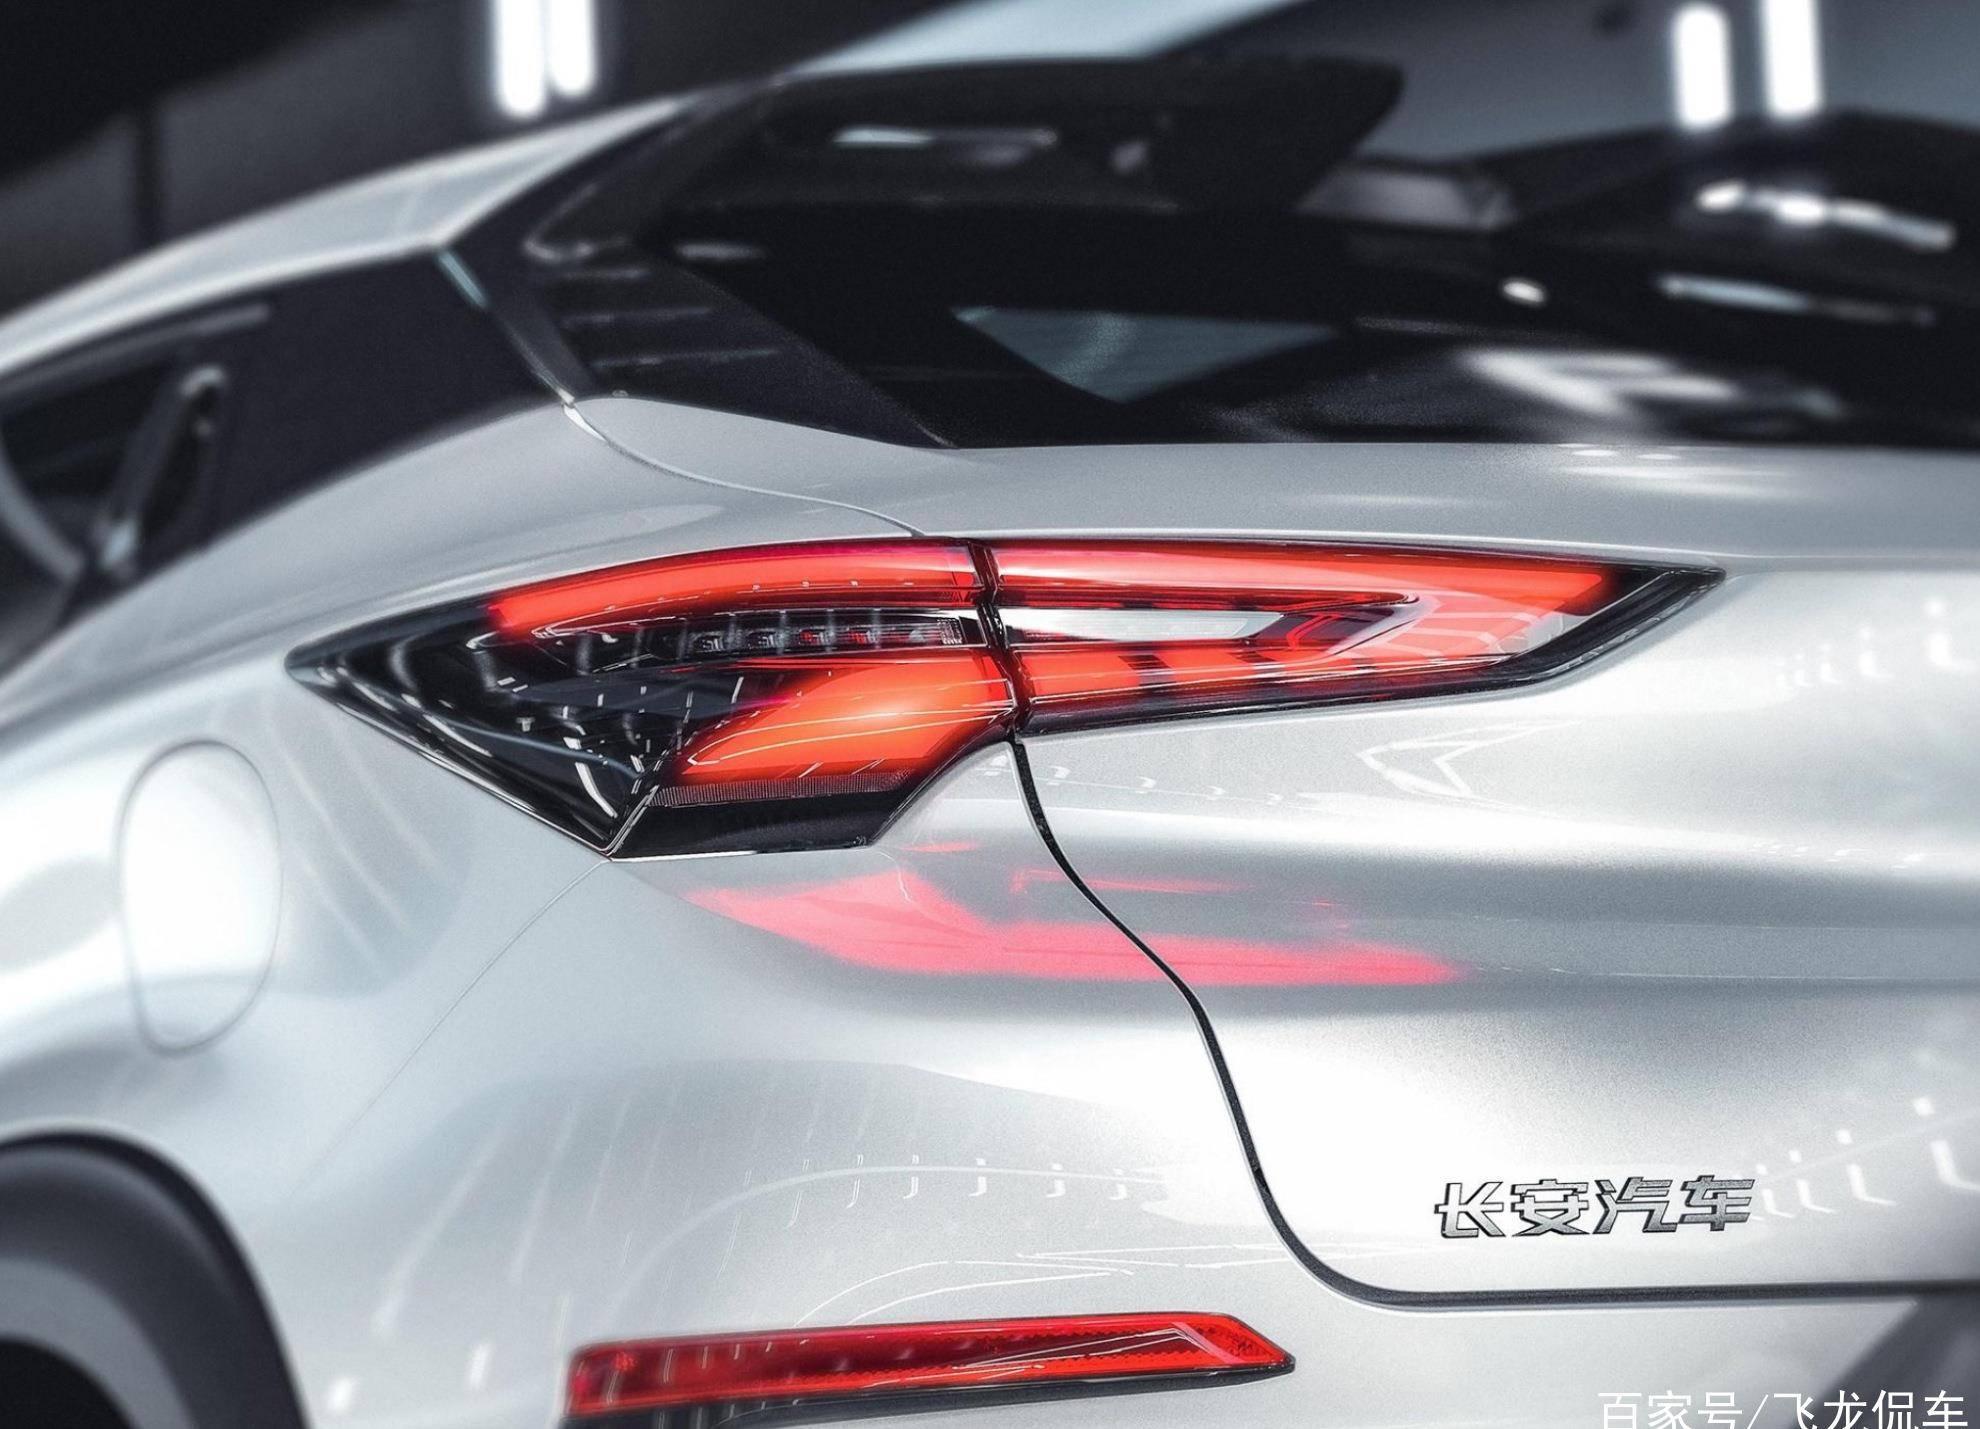 原长安汽车新门面,发动机热效率堪比丰田,率先搭载国产AI芯片,火了